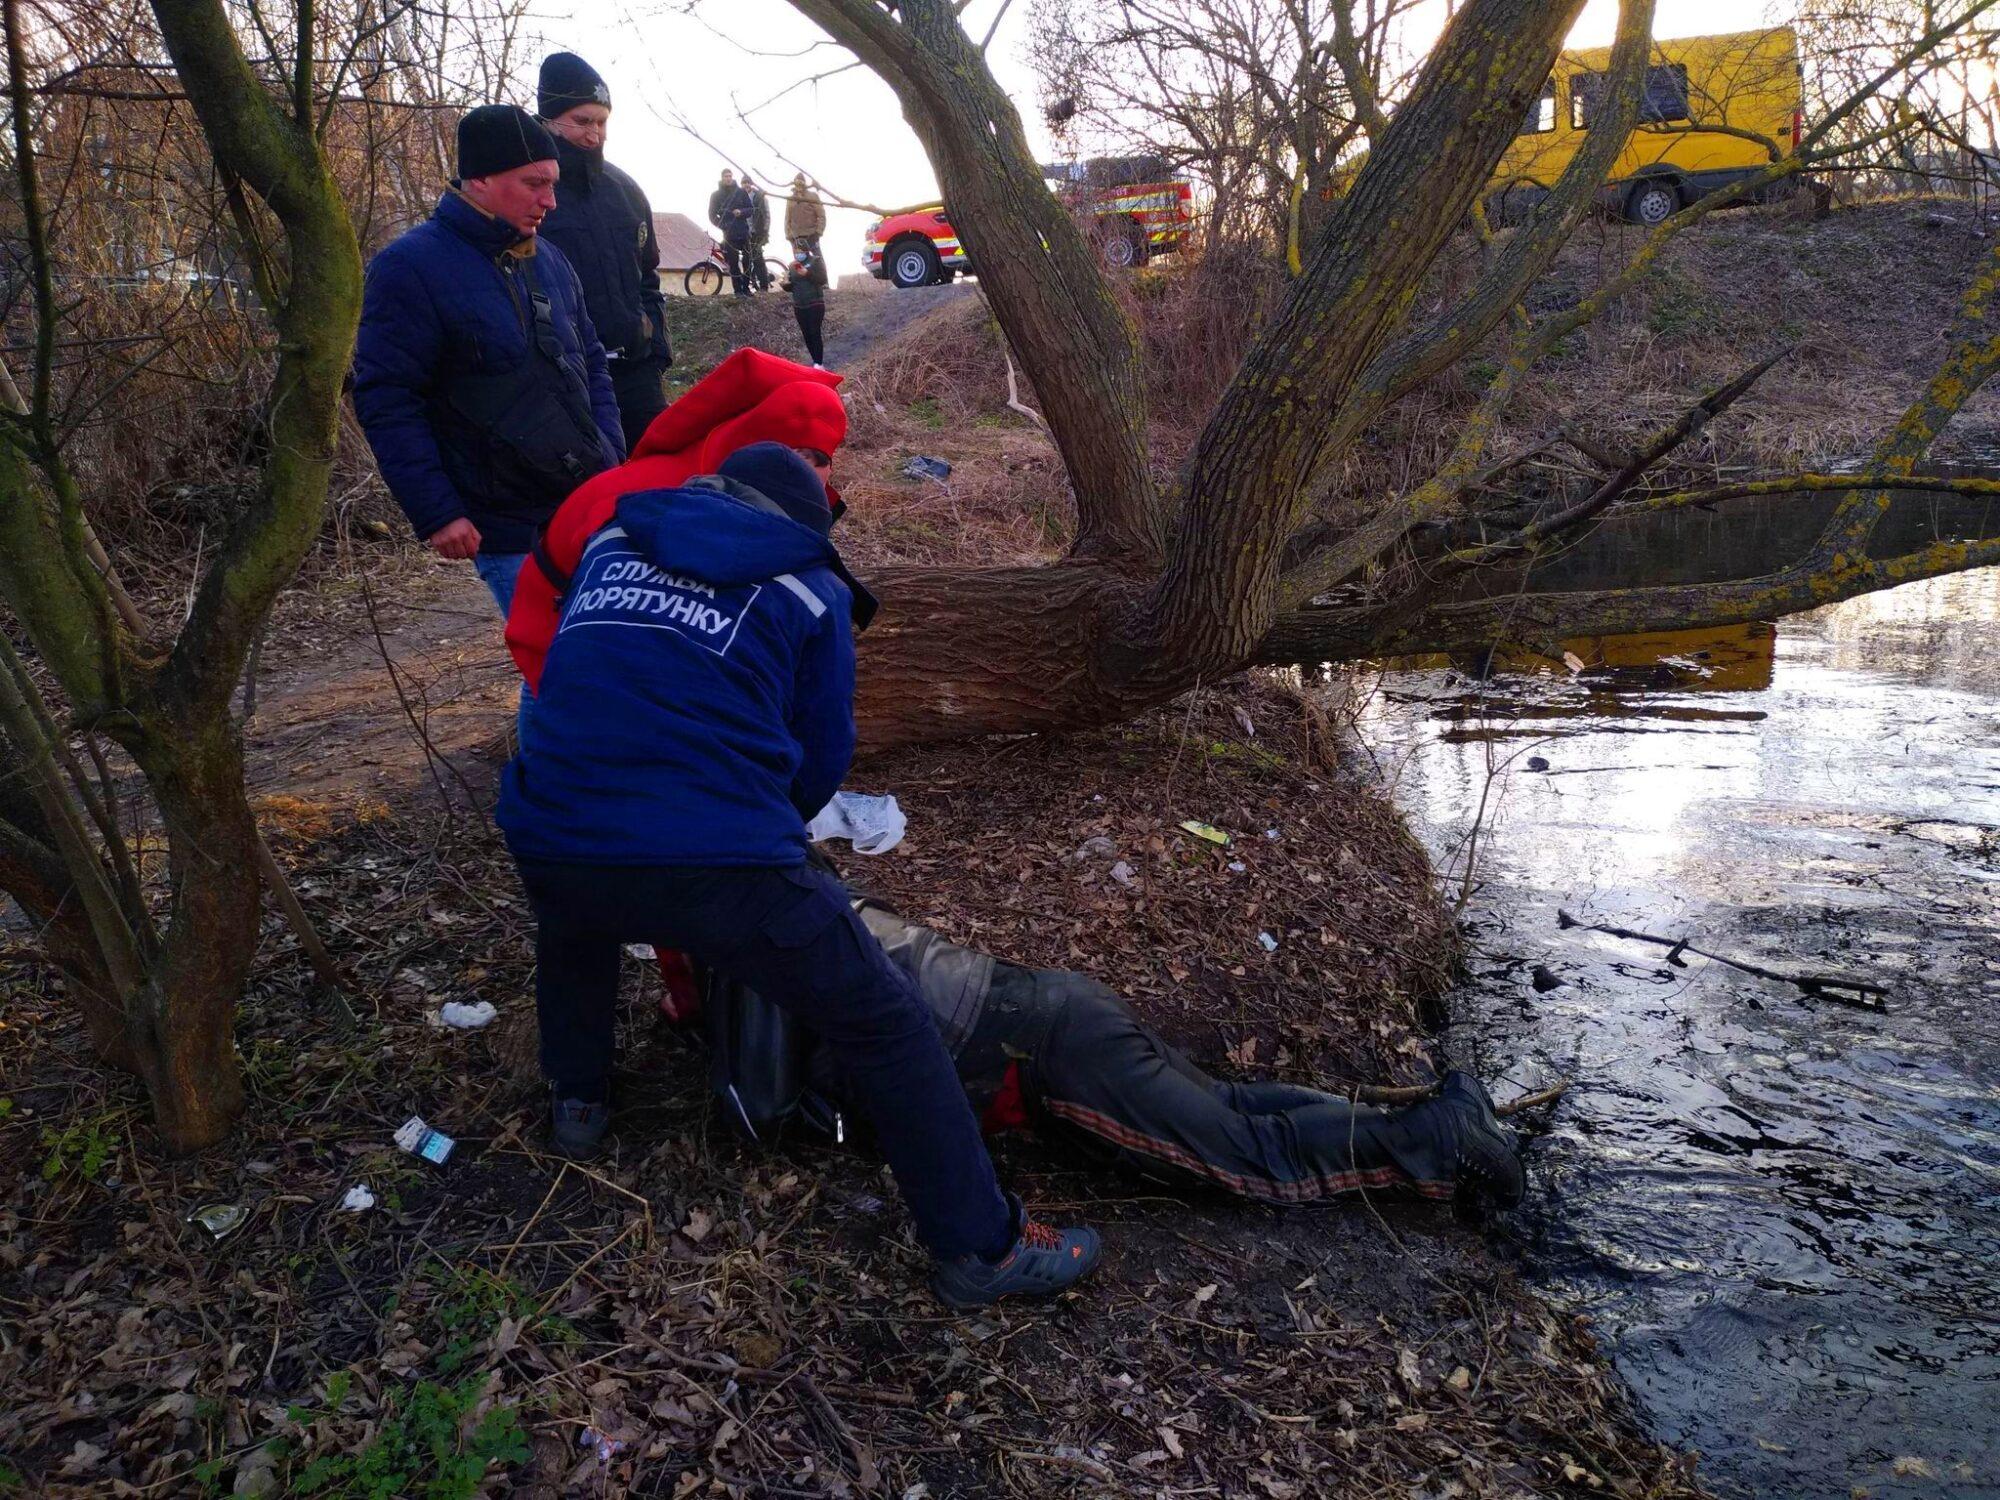 В одному із озер у Бучансьвому районі знайшли тіло потопельника - тіло, потопельник, озеро, Микуличі, Бучанський район - 163565189 190630335908381 483234163251924094 n 2000x1500